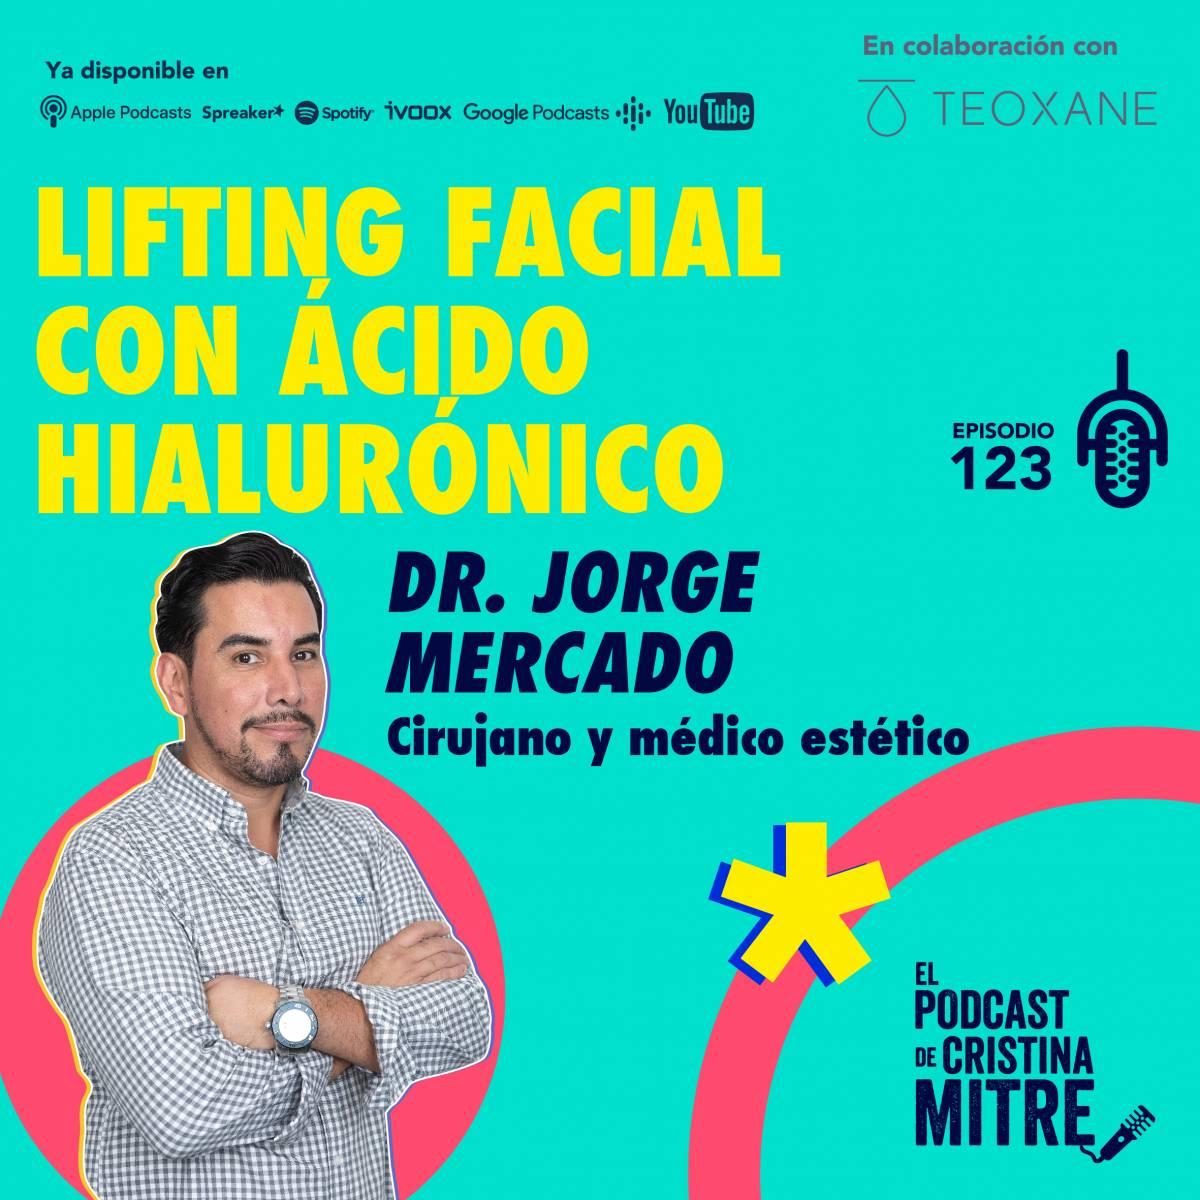 Lifting facial acido hialurónico Dr. Jorge Mercado